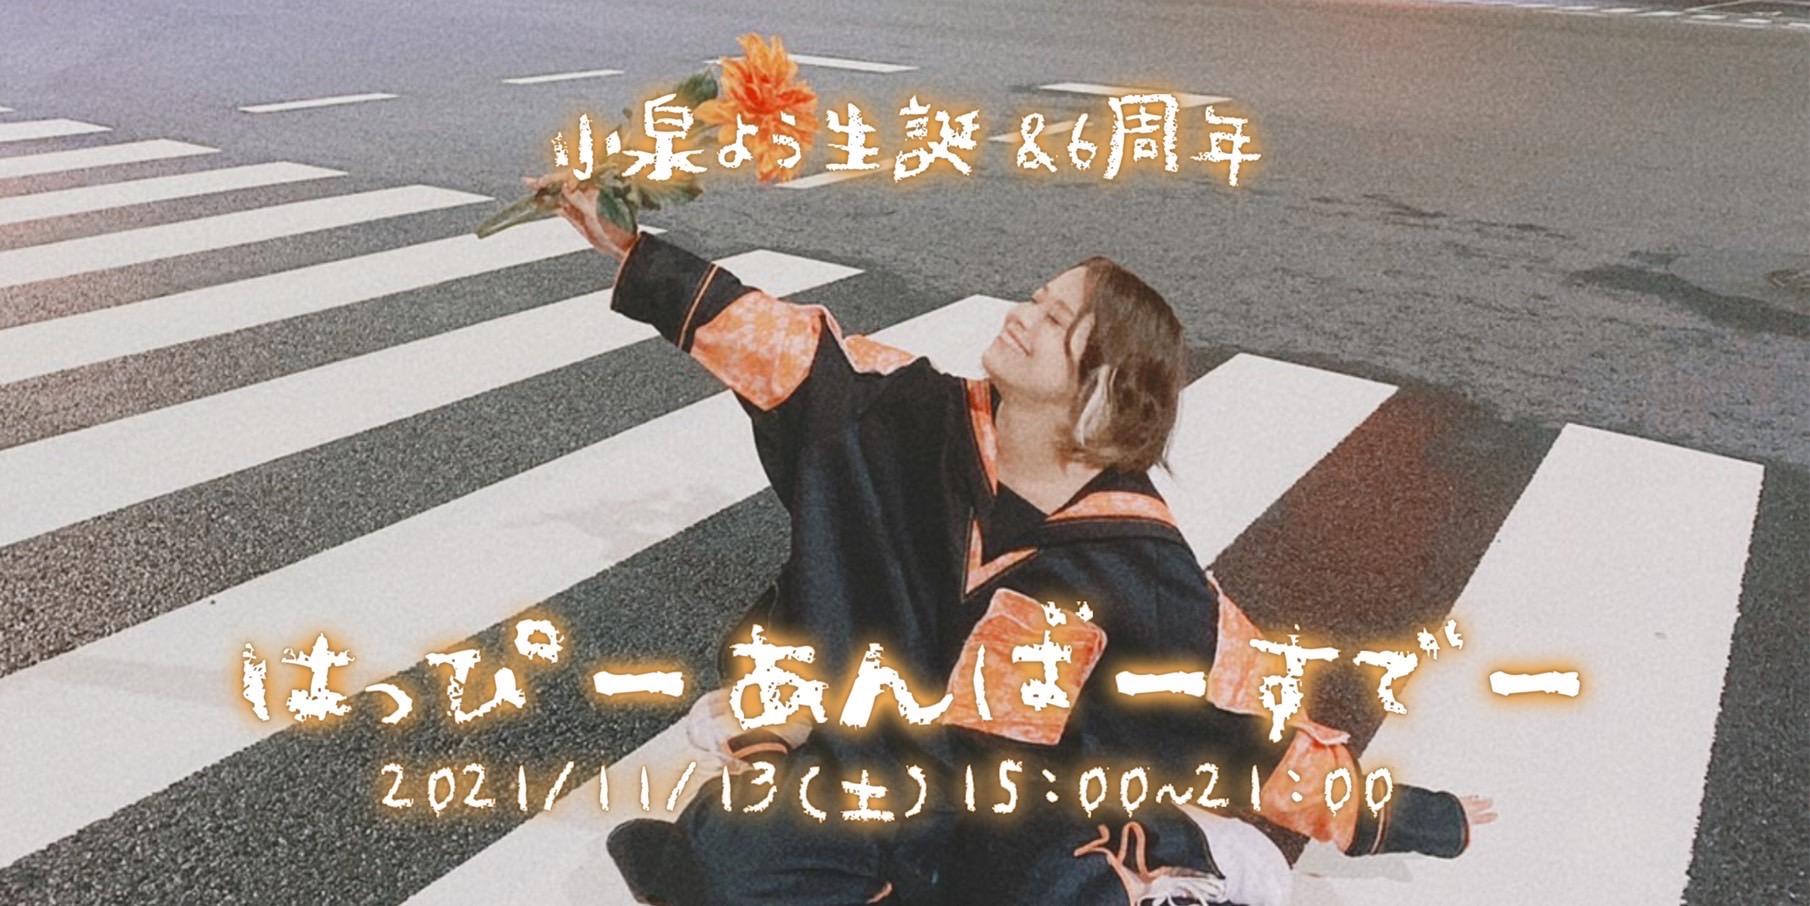 小泉よう生誕&6周年  「はっぴーあんばーすでー」